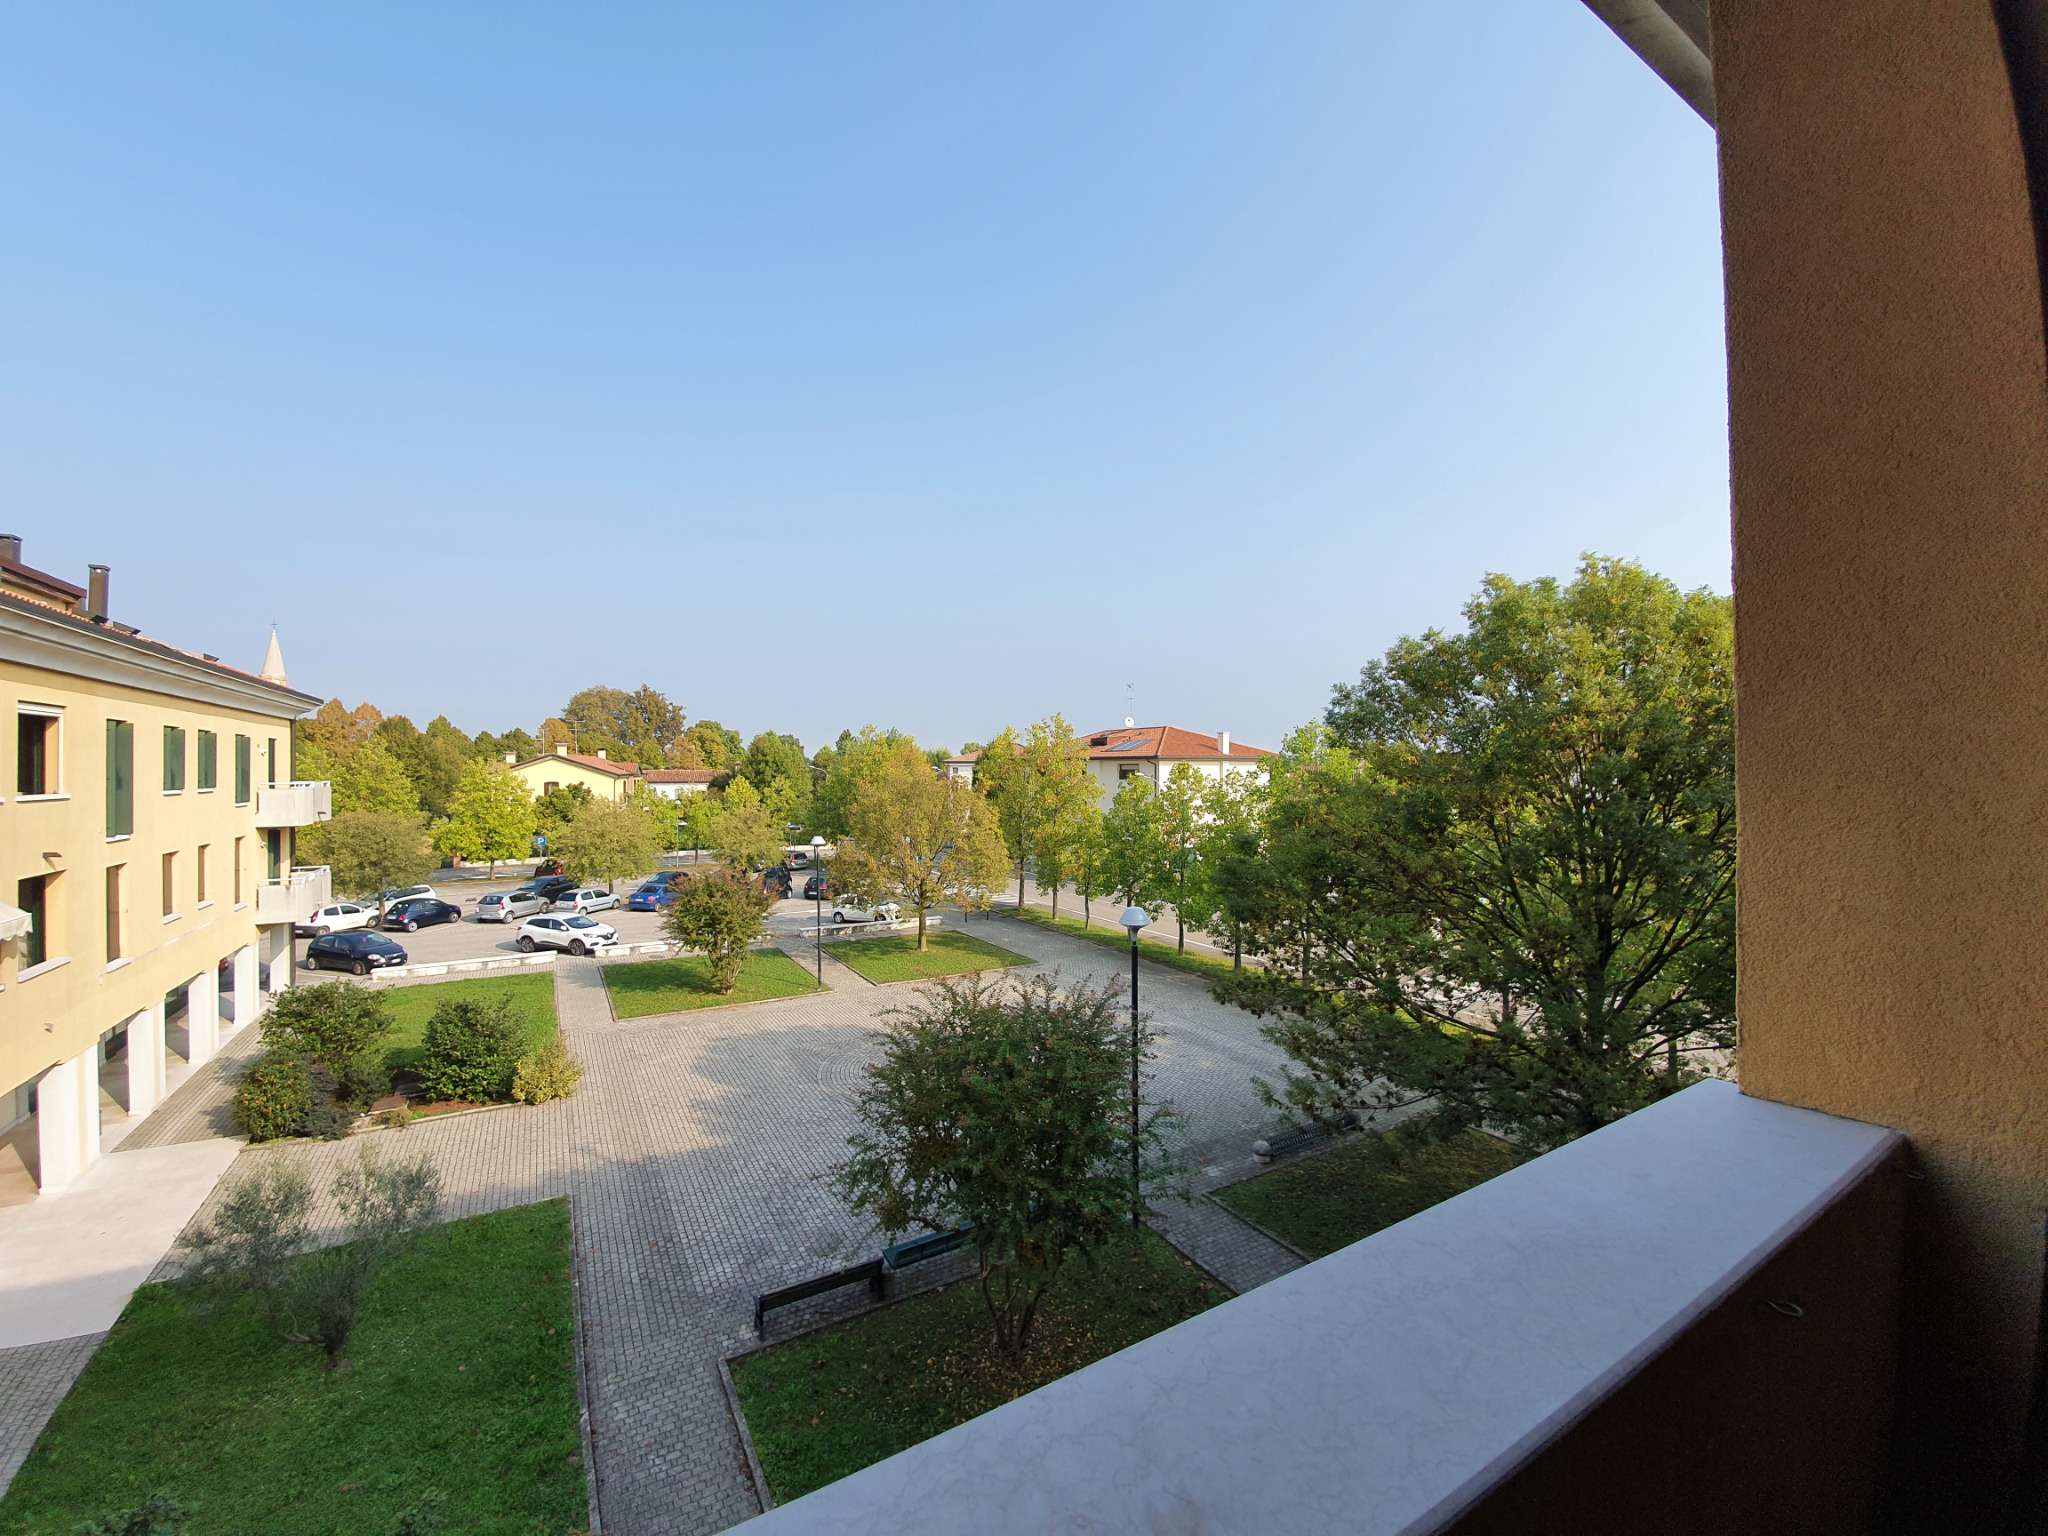 Appartamento in vendita a Oderzo, 4 locali, prezzo € 200.000 | CambioCasa.it